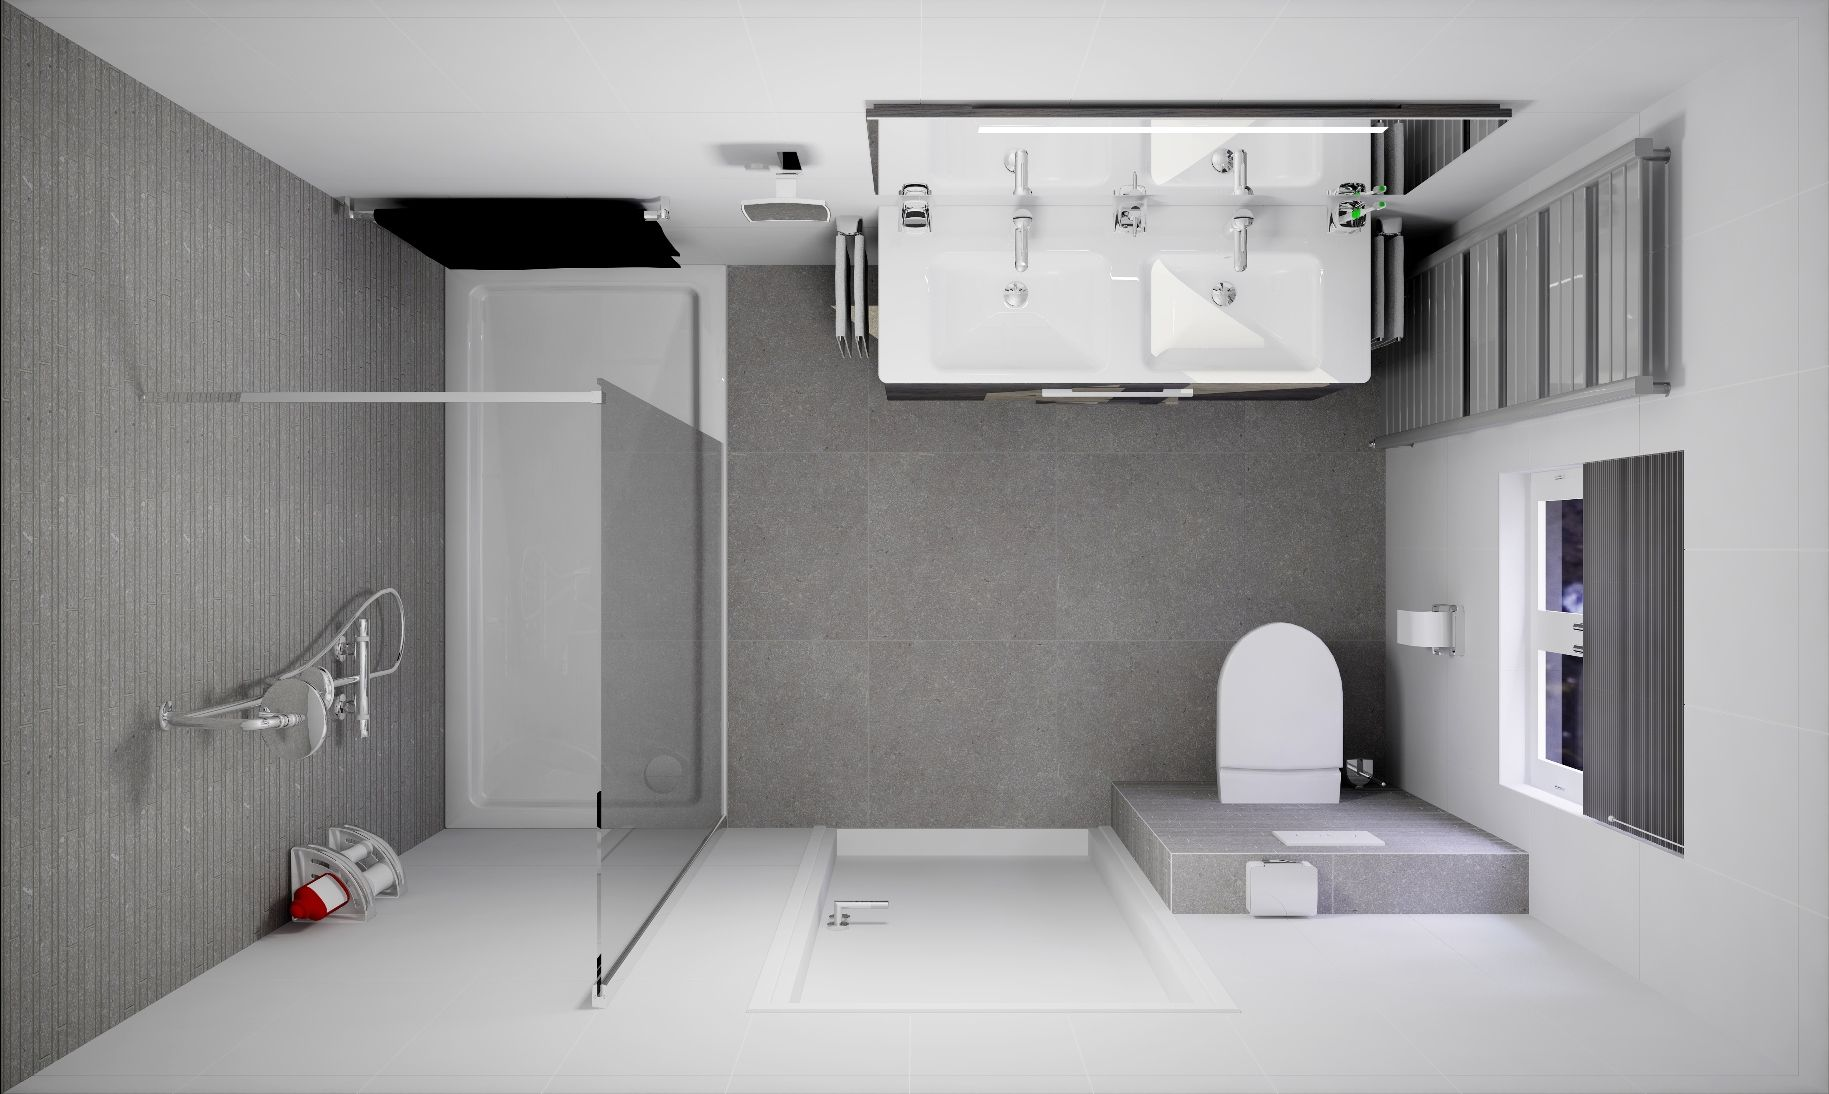 Badkamer ontwerpen van Sani-Bouw, vraag een gratis 3D ontwerp met ...